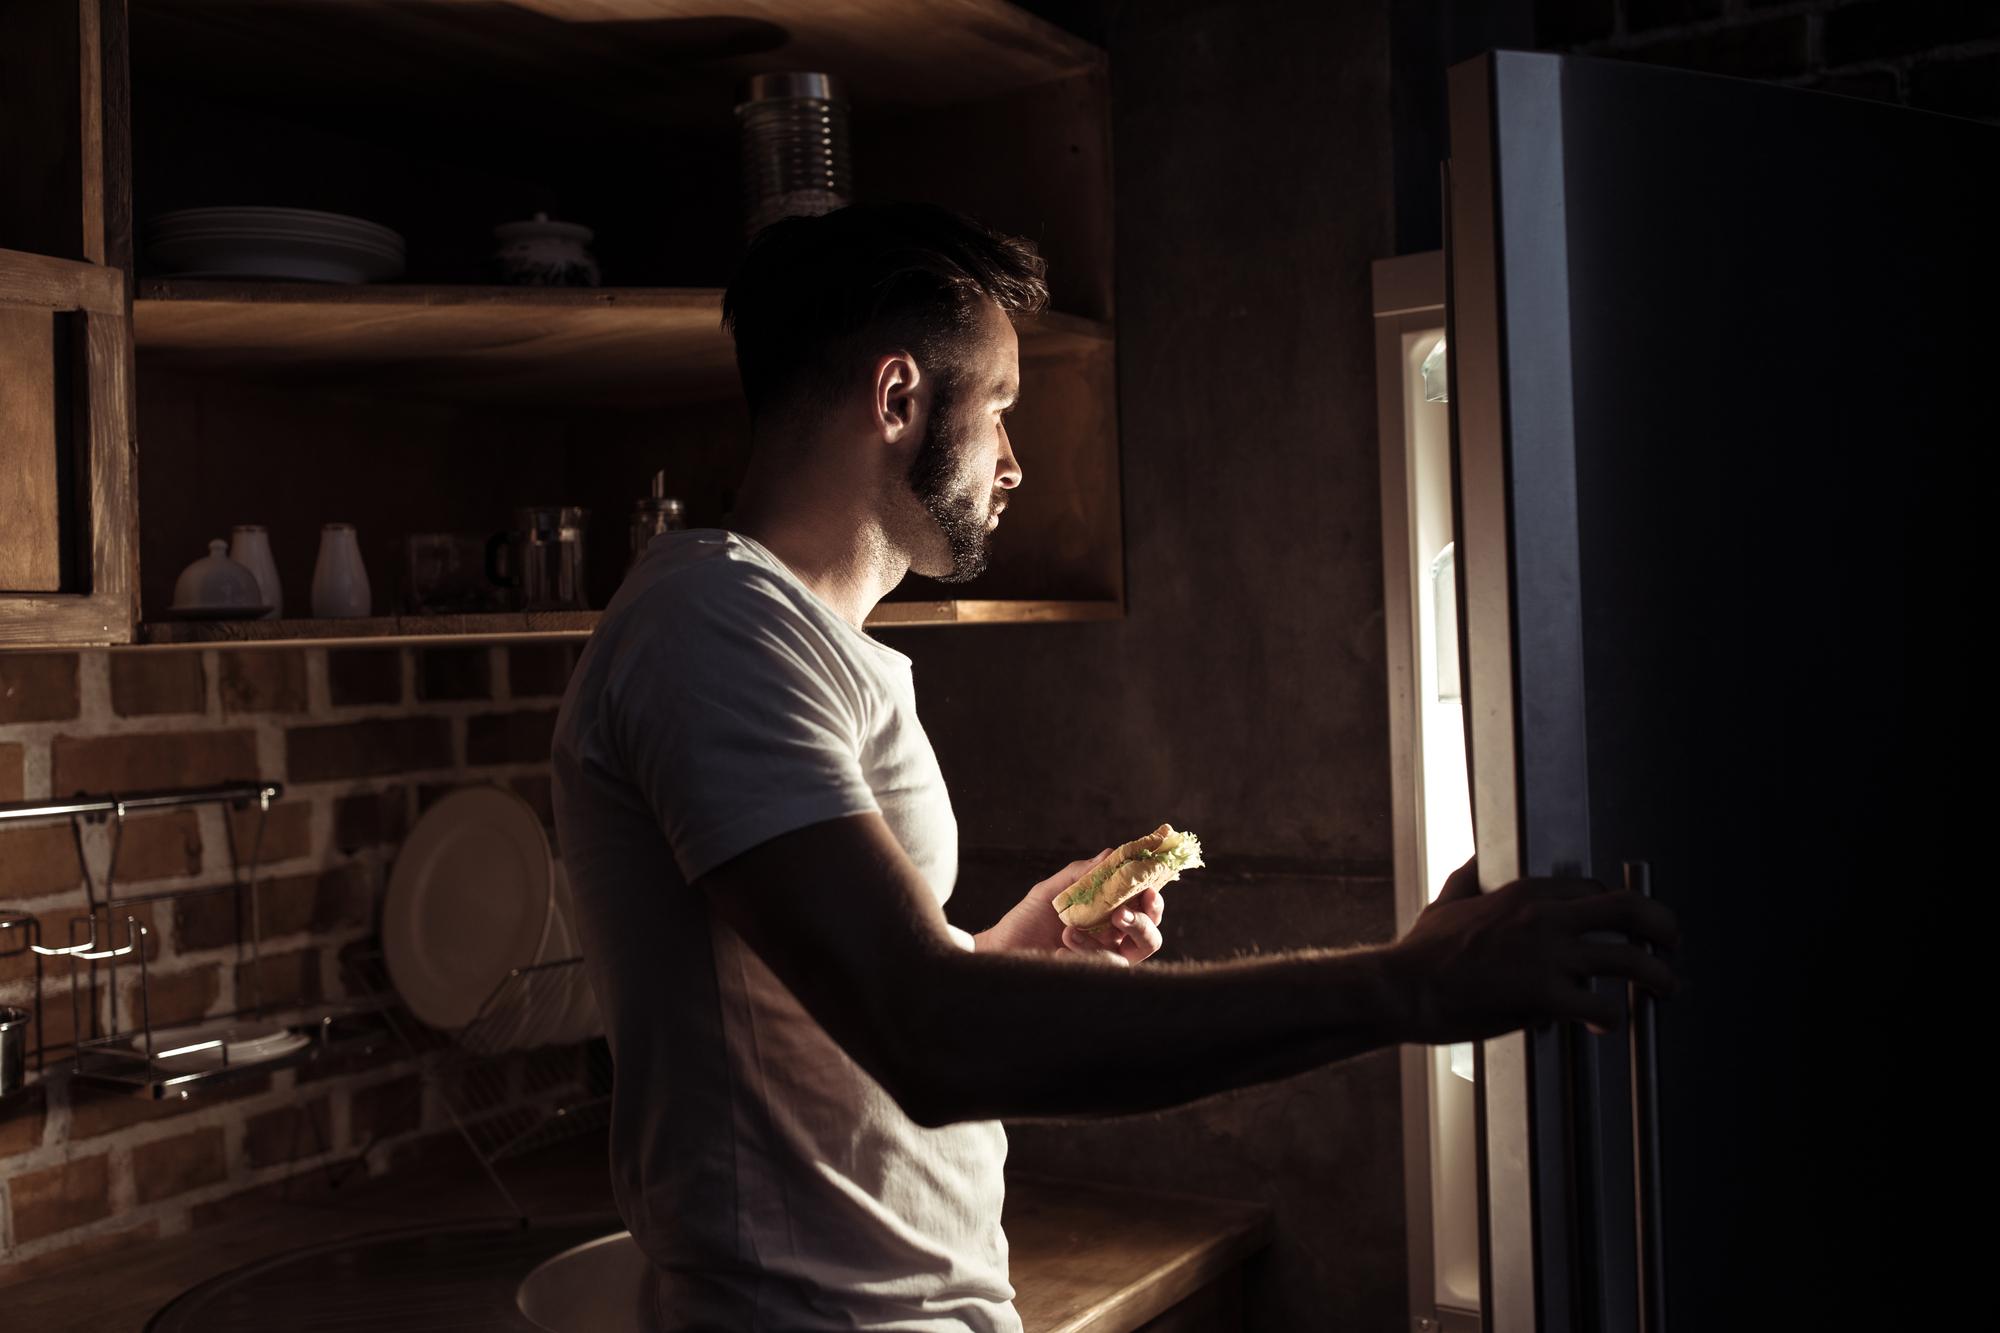 3 причины, почему ночью тянет на вкусненькое. Какими продуктами можно лакомиться ночью без вреда для здоровья и фигуры